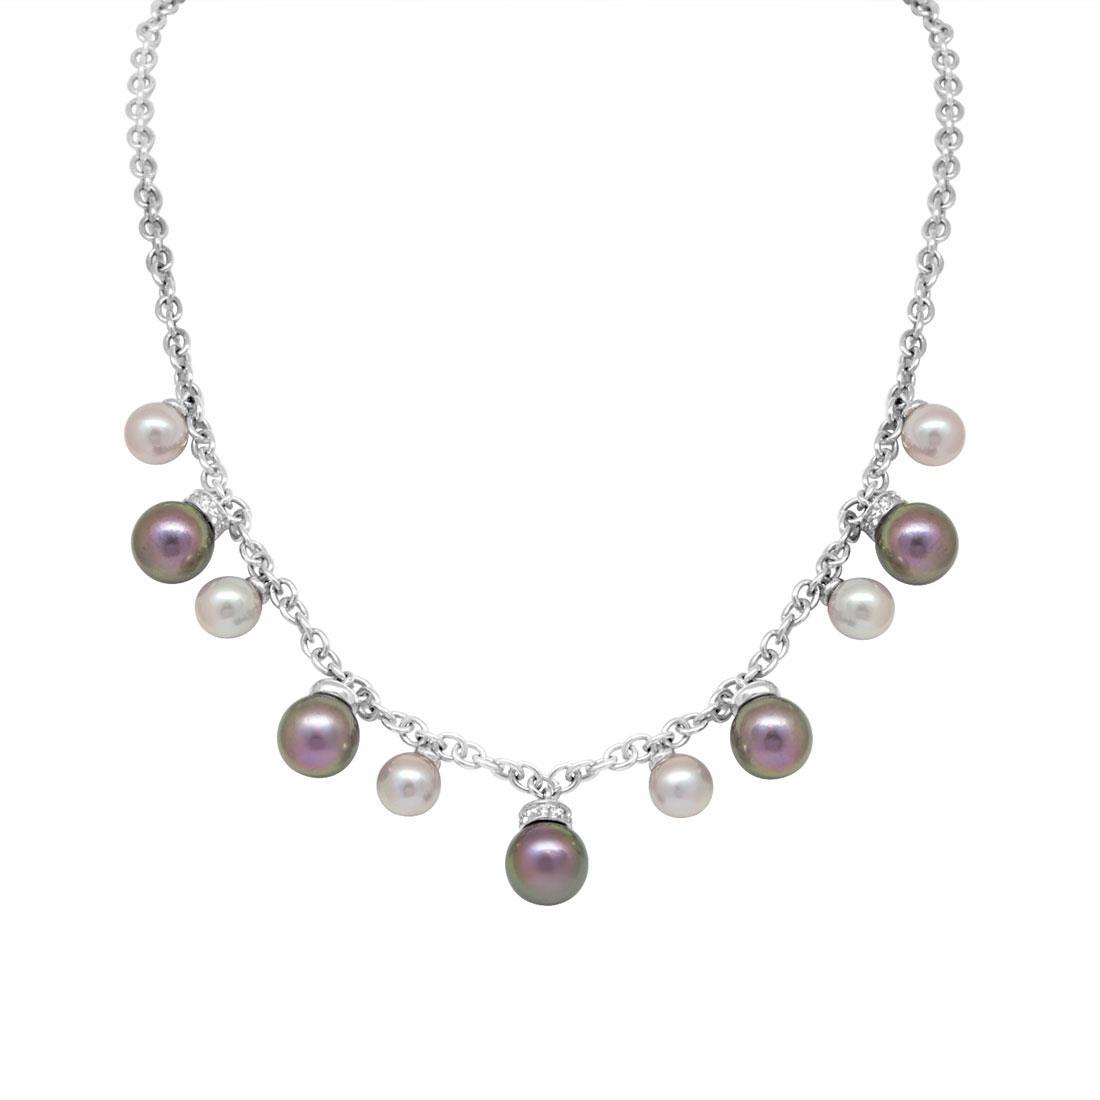 Collier con perle e diamanti - SALVINI